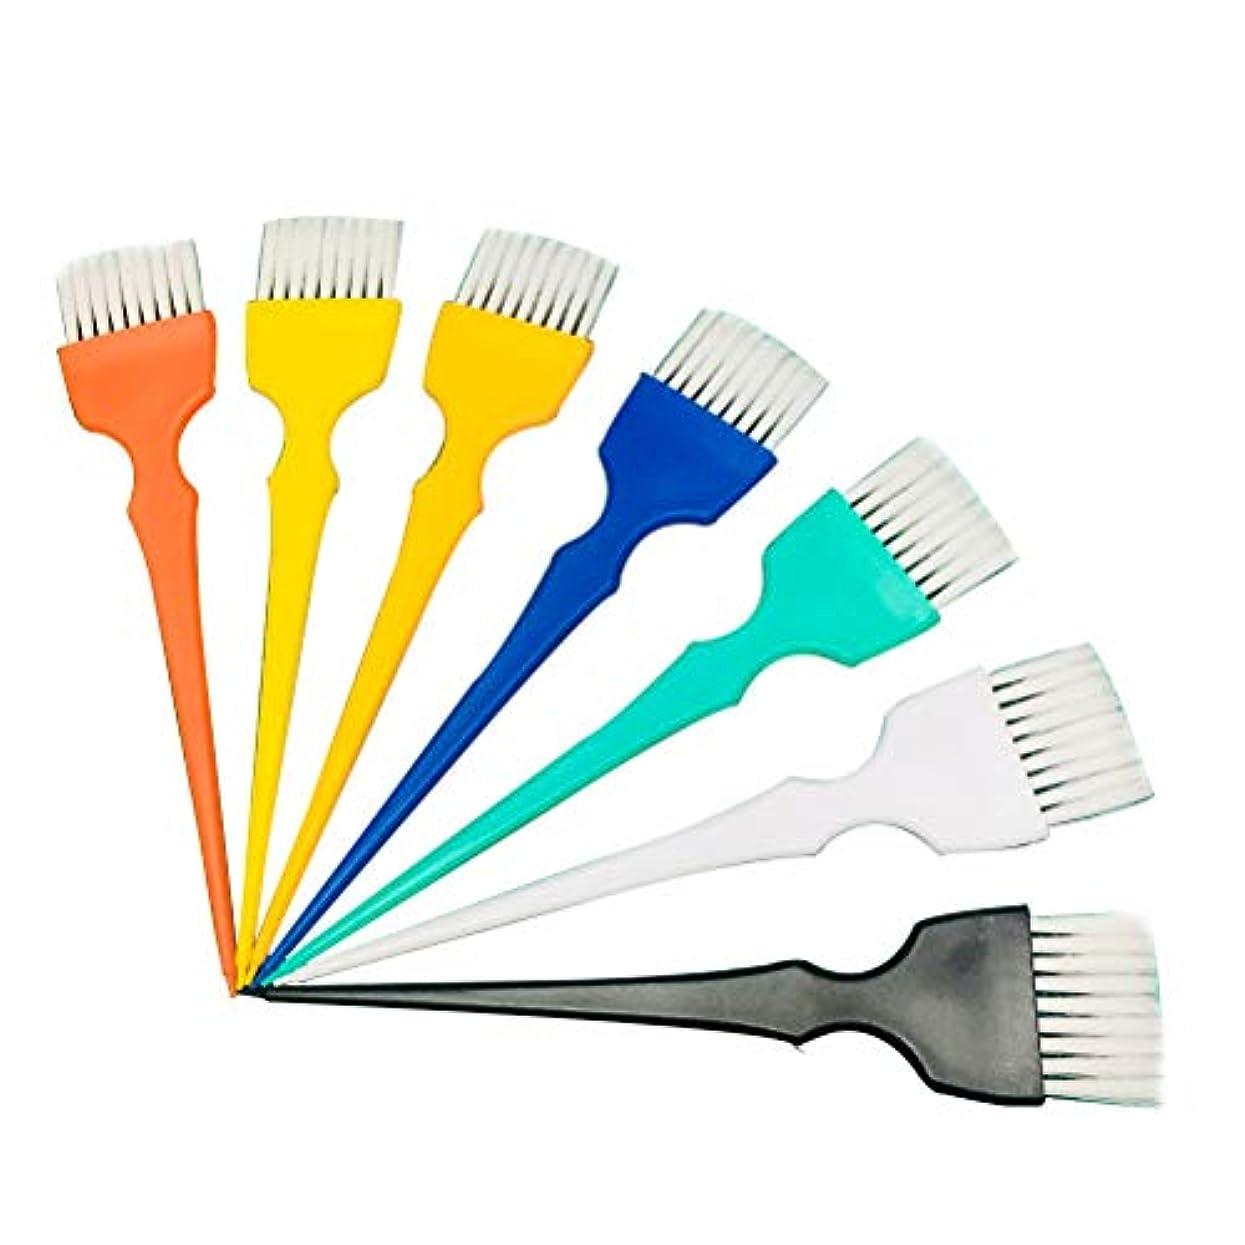 雇った傘一流Beaupretty 7本染毛ブラシプラスチックソフトブラシヘアカラーブラシ美容院用(ランダムカラー)